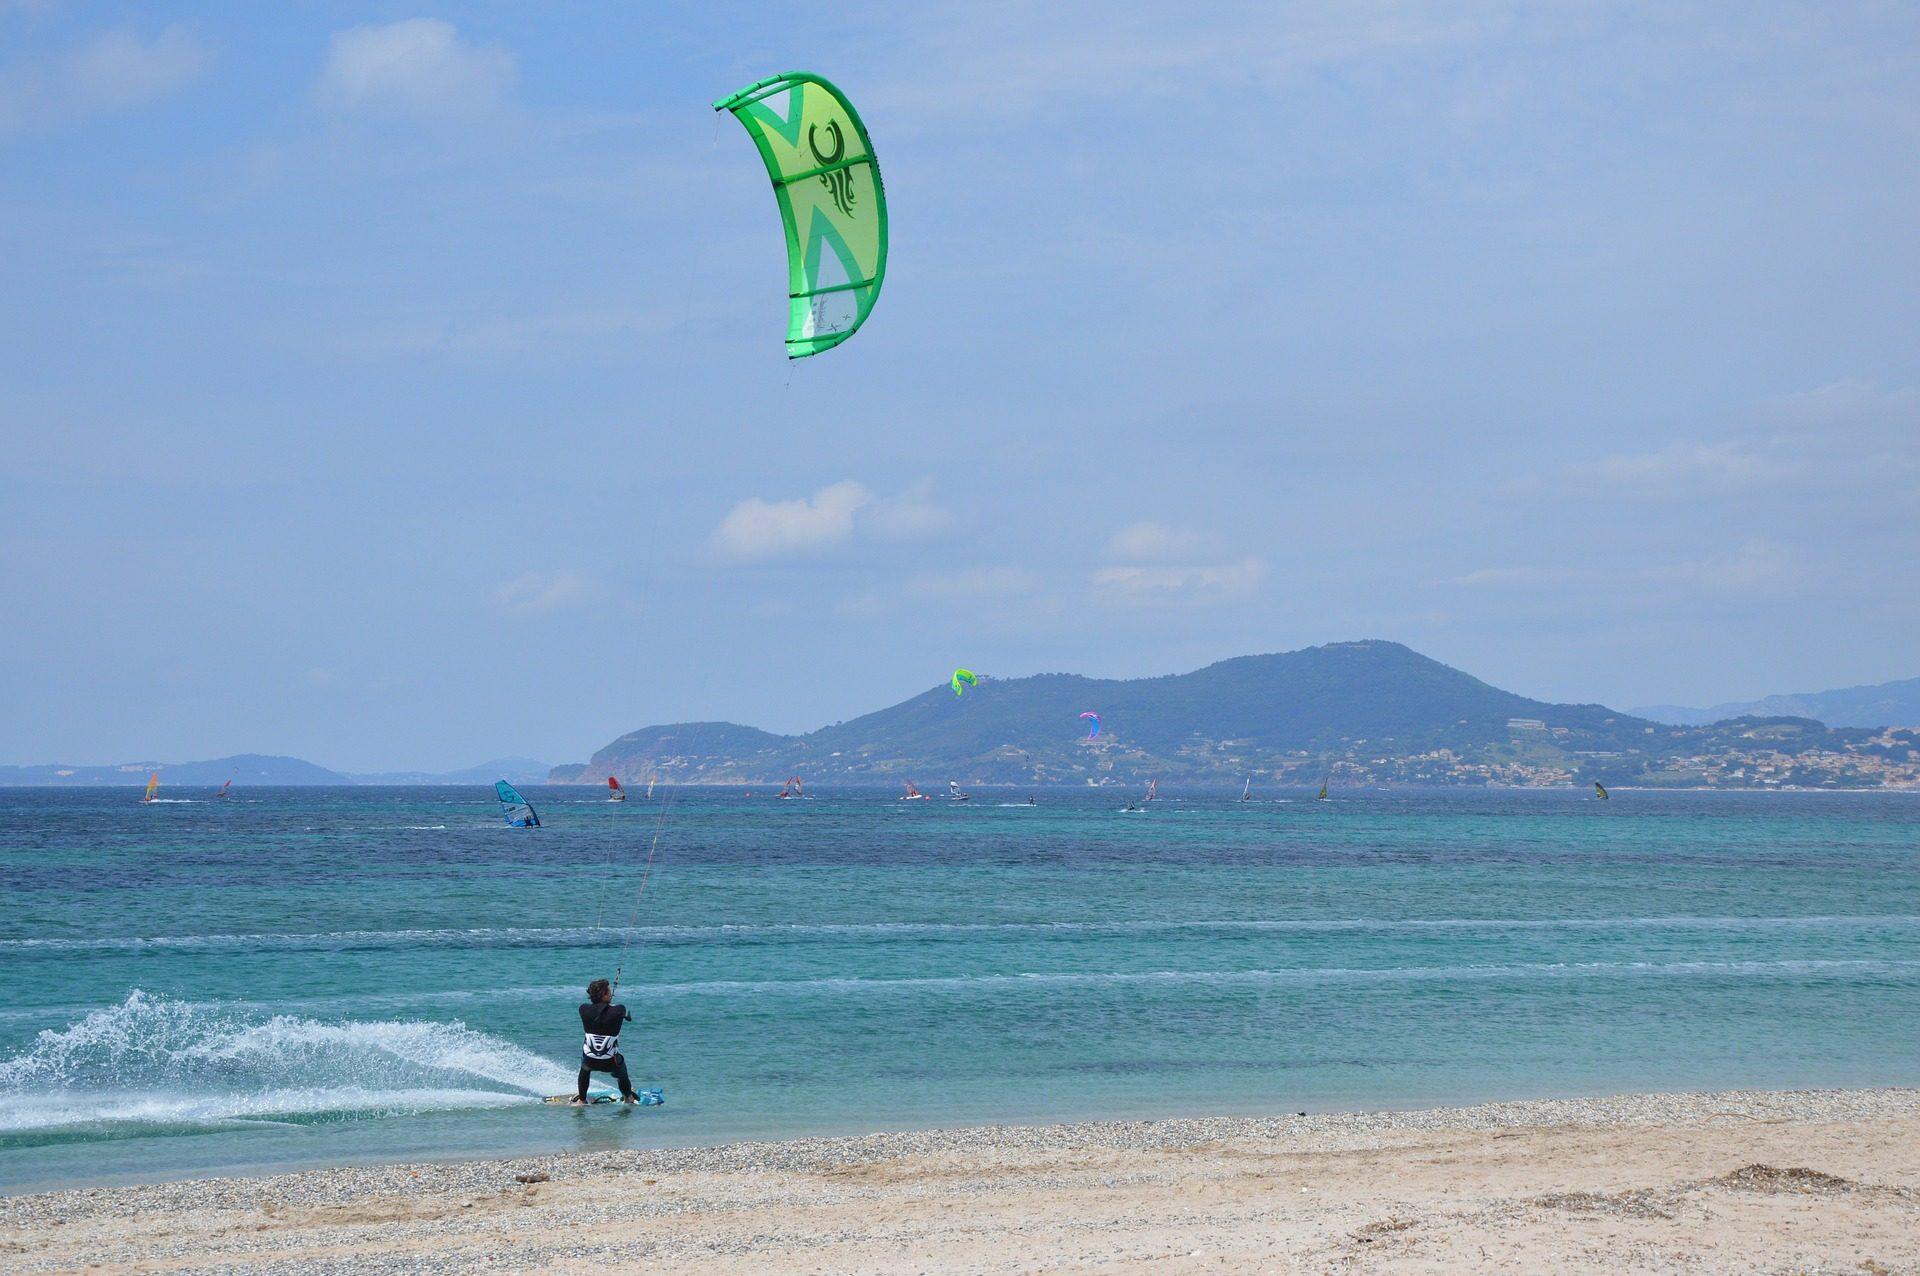 Пляж, Море, Кайтсерфинг, волны, Ветер - Обои HD - Профессор falken.com